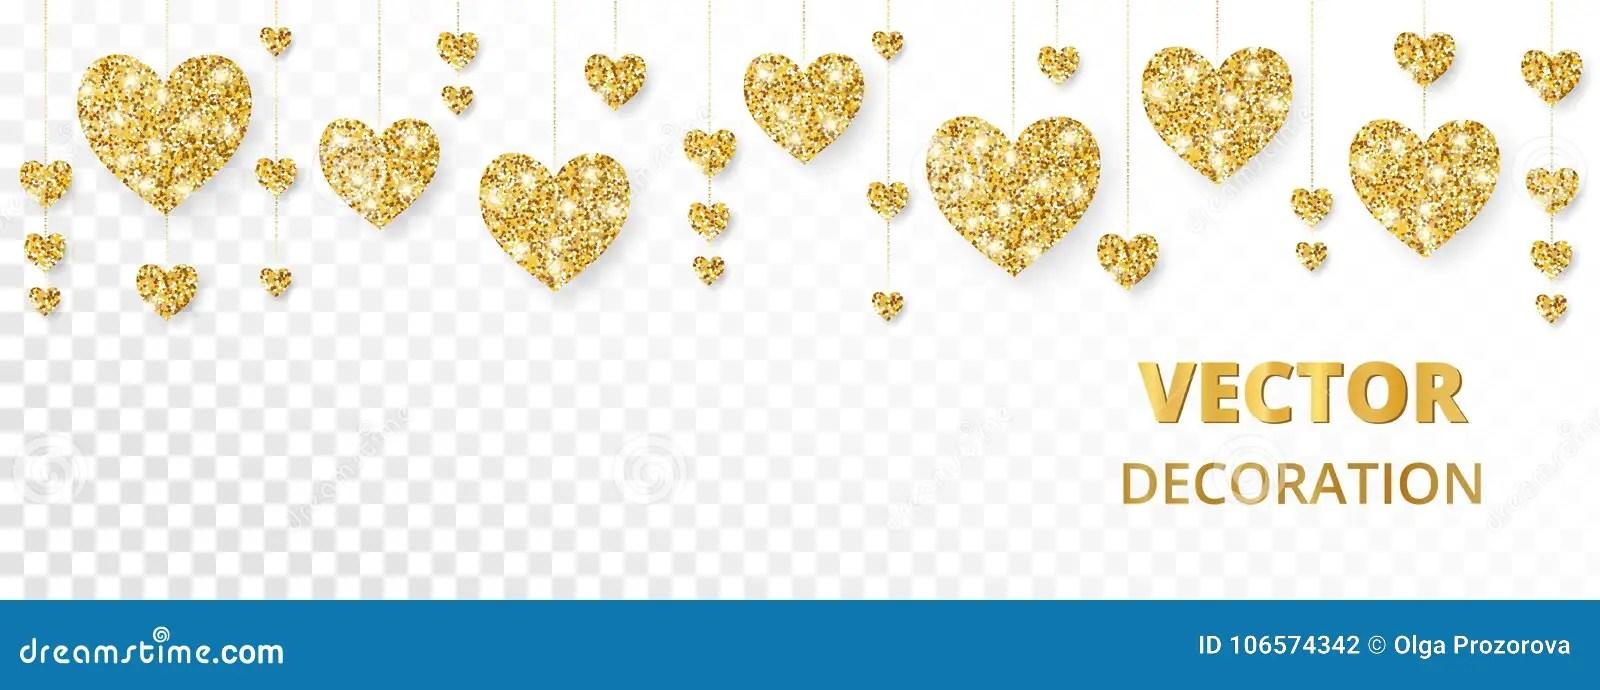 Golden Hearts Frame, Border Vector Glitter Isolated On White For